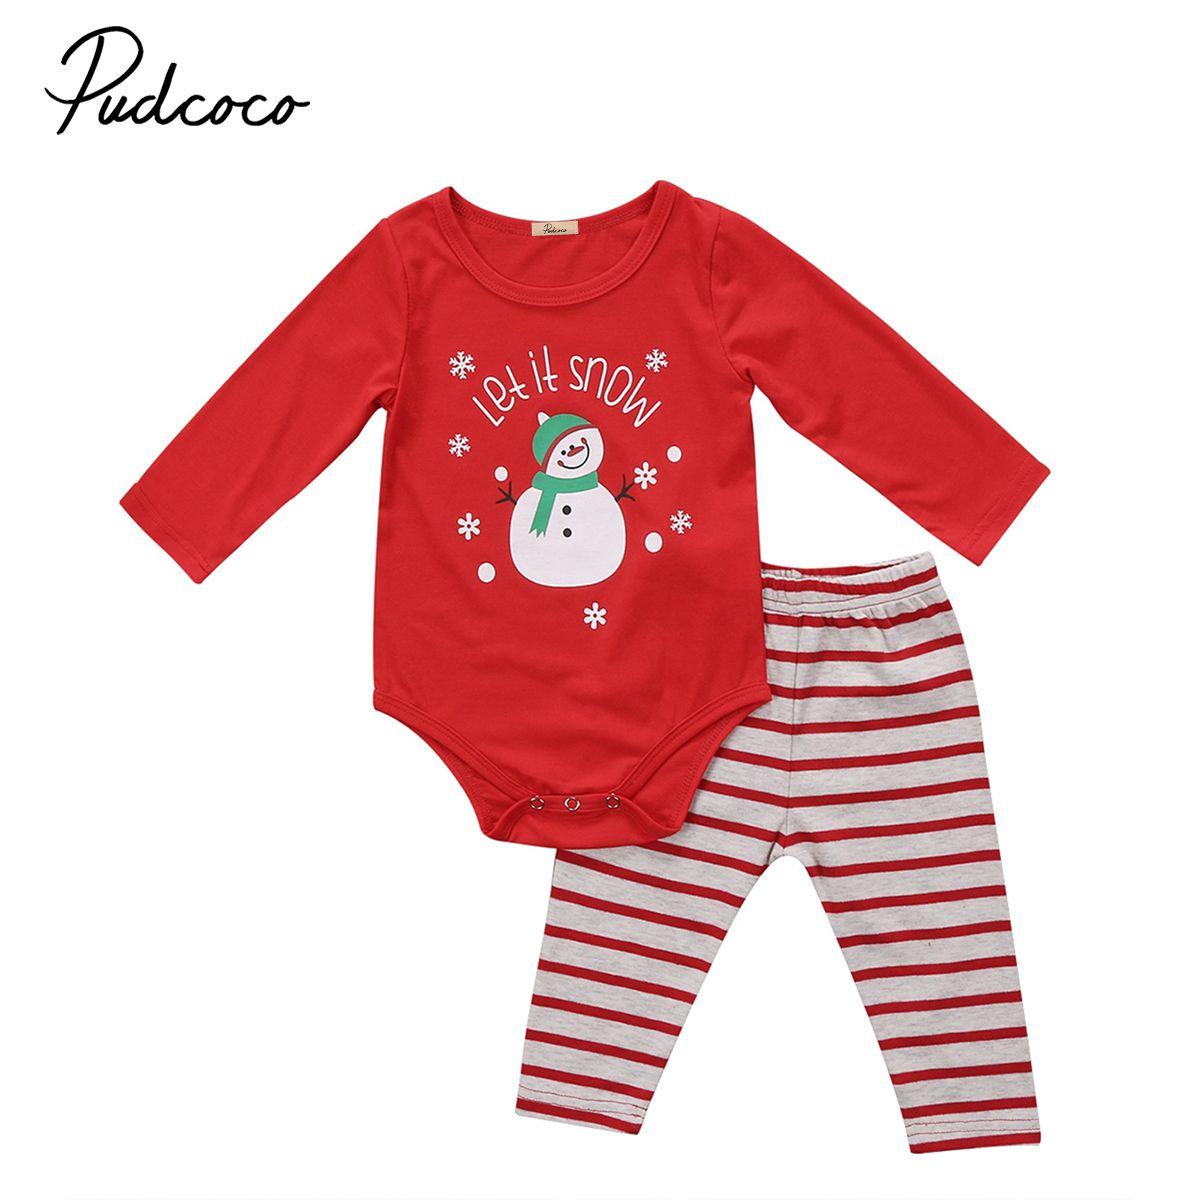 Младенцев 2 шт. Рождественский комплект одежды для новорожденных Для маленьких мальчиков Обувь для девочек Санта Рождество Боди Комплект с...